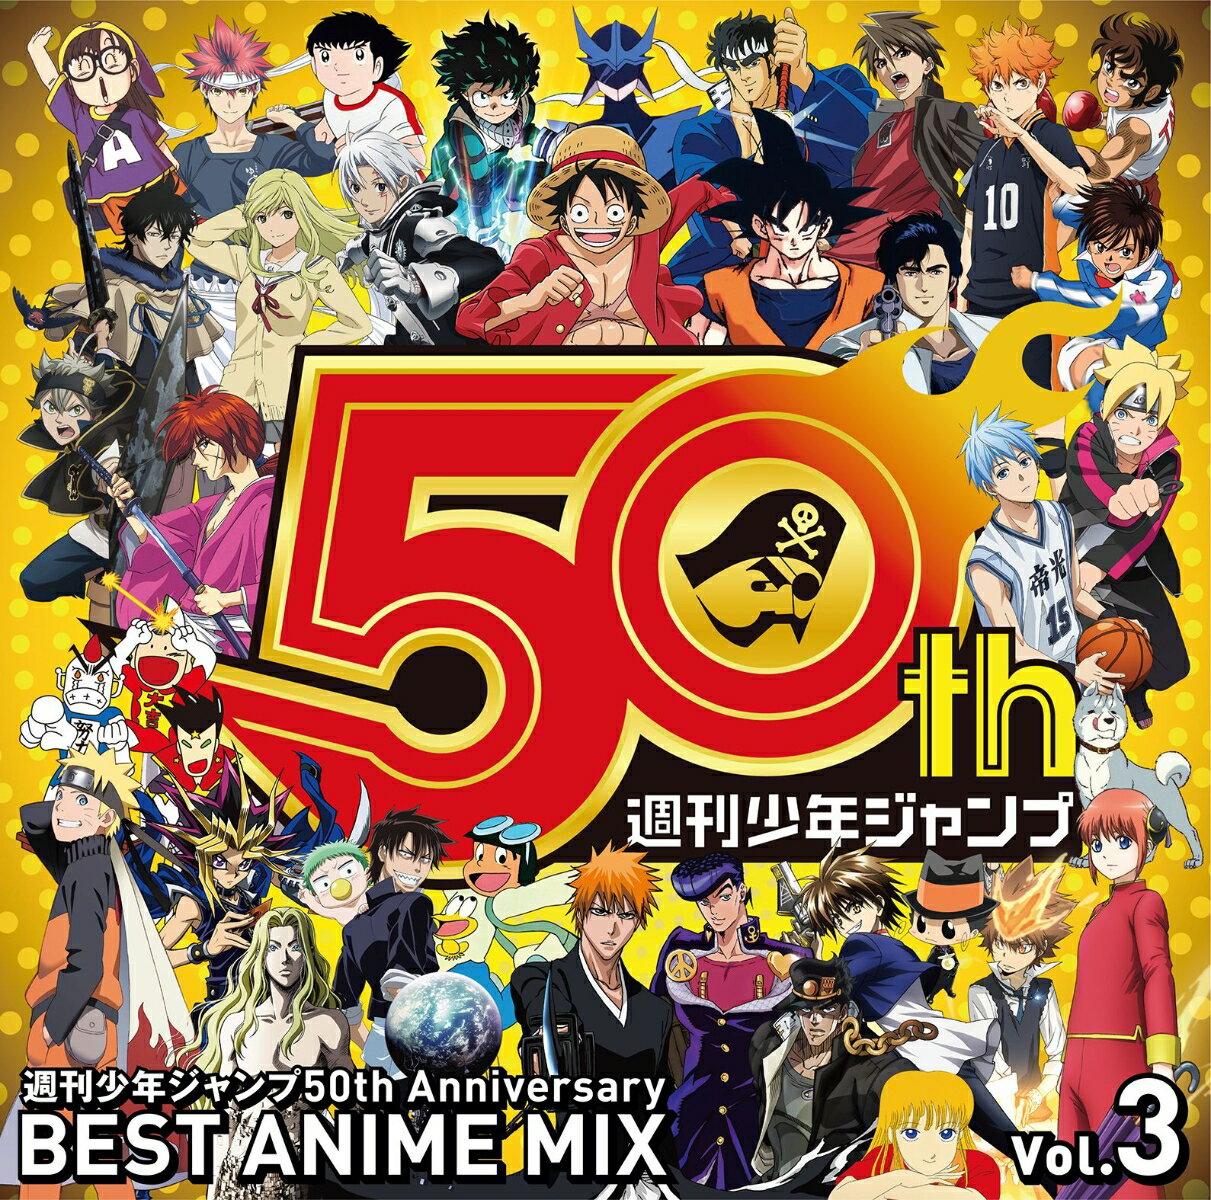 週刊少年ジャンプ50th Anniversary BEST ANIME MIX vol.3画像